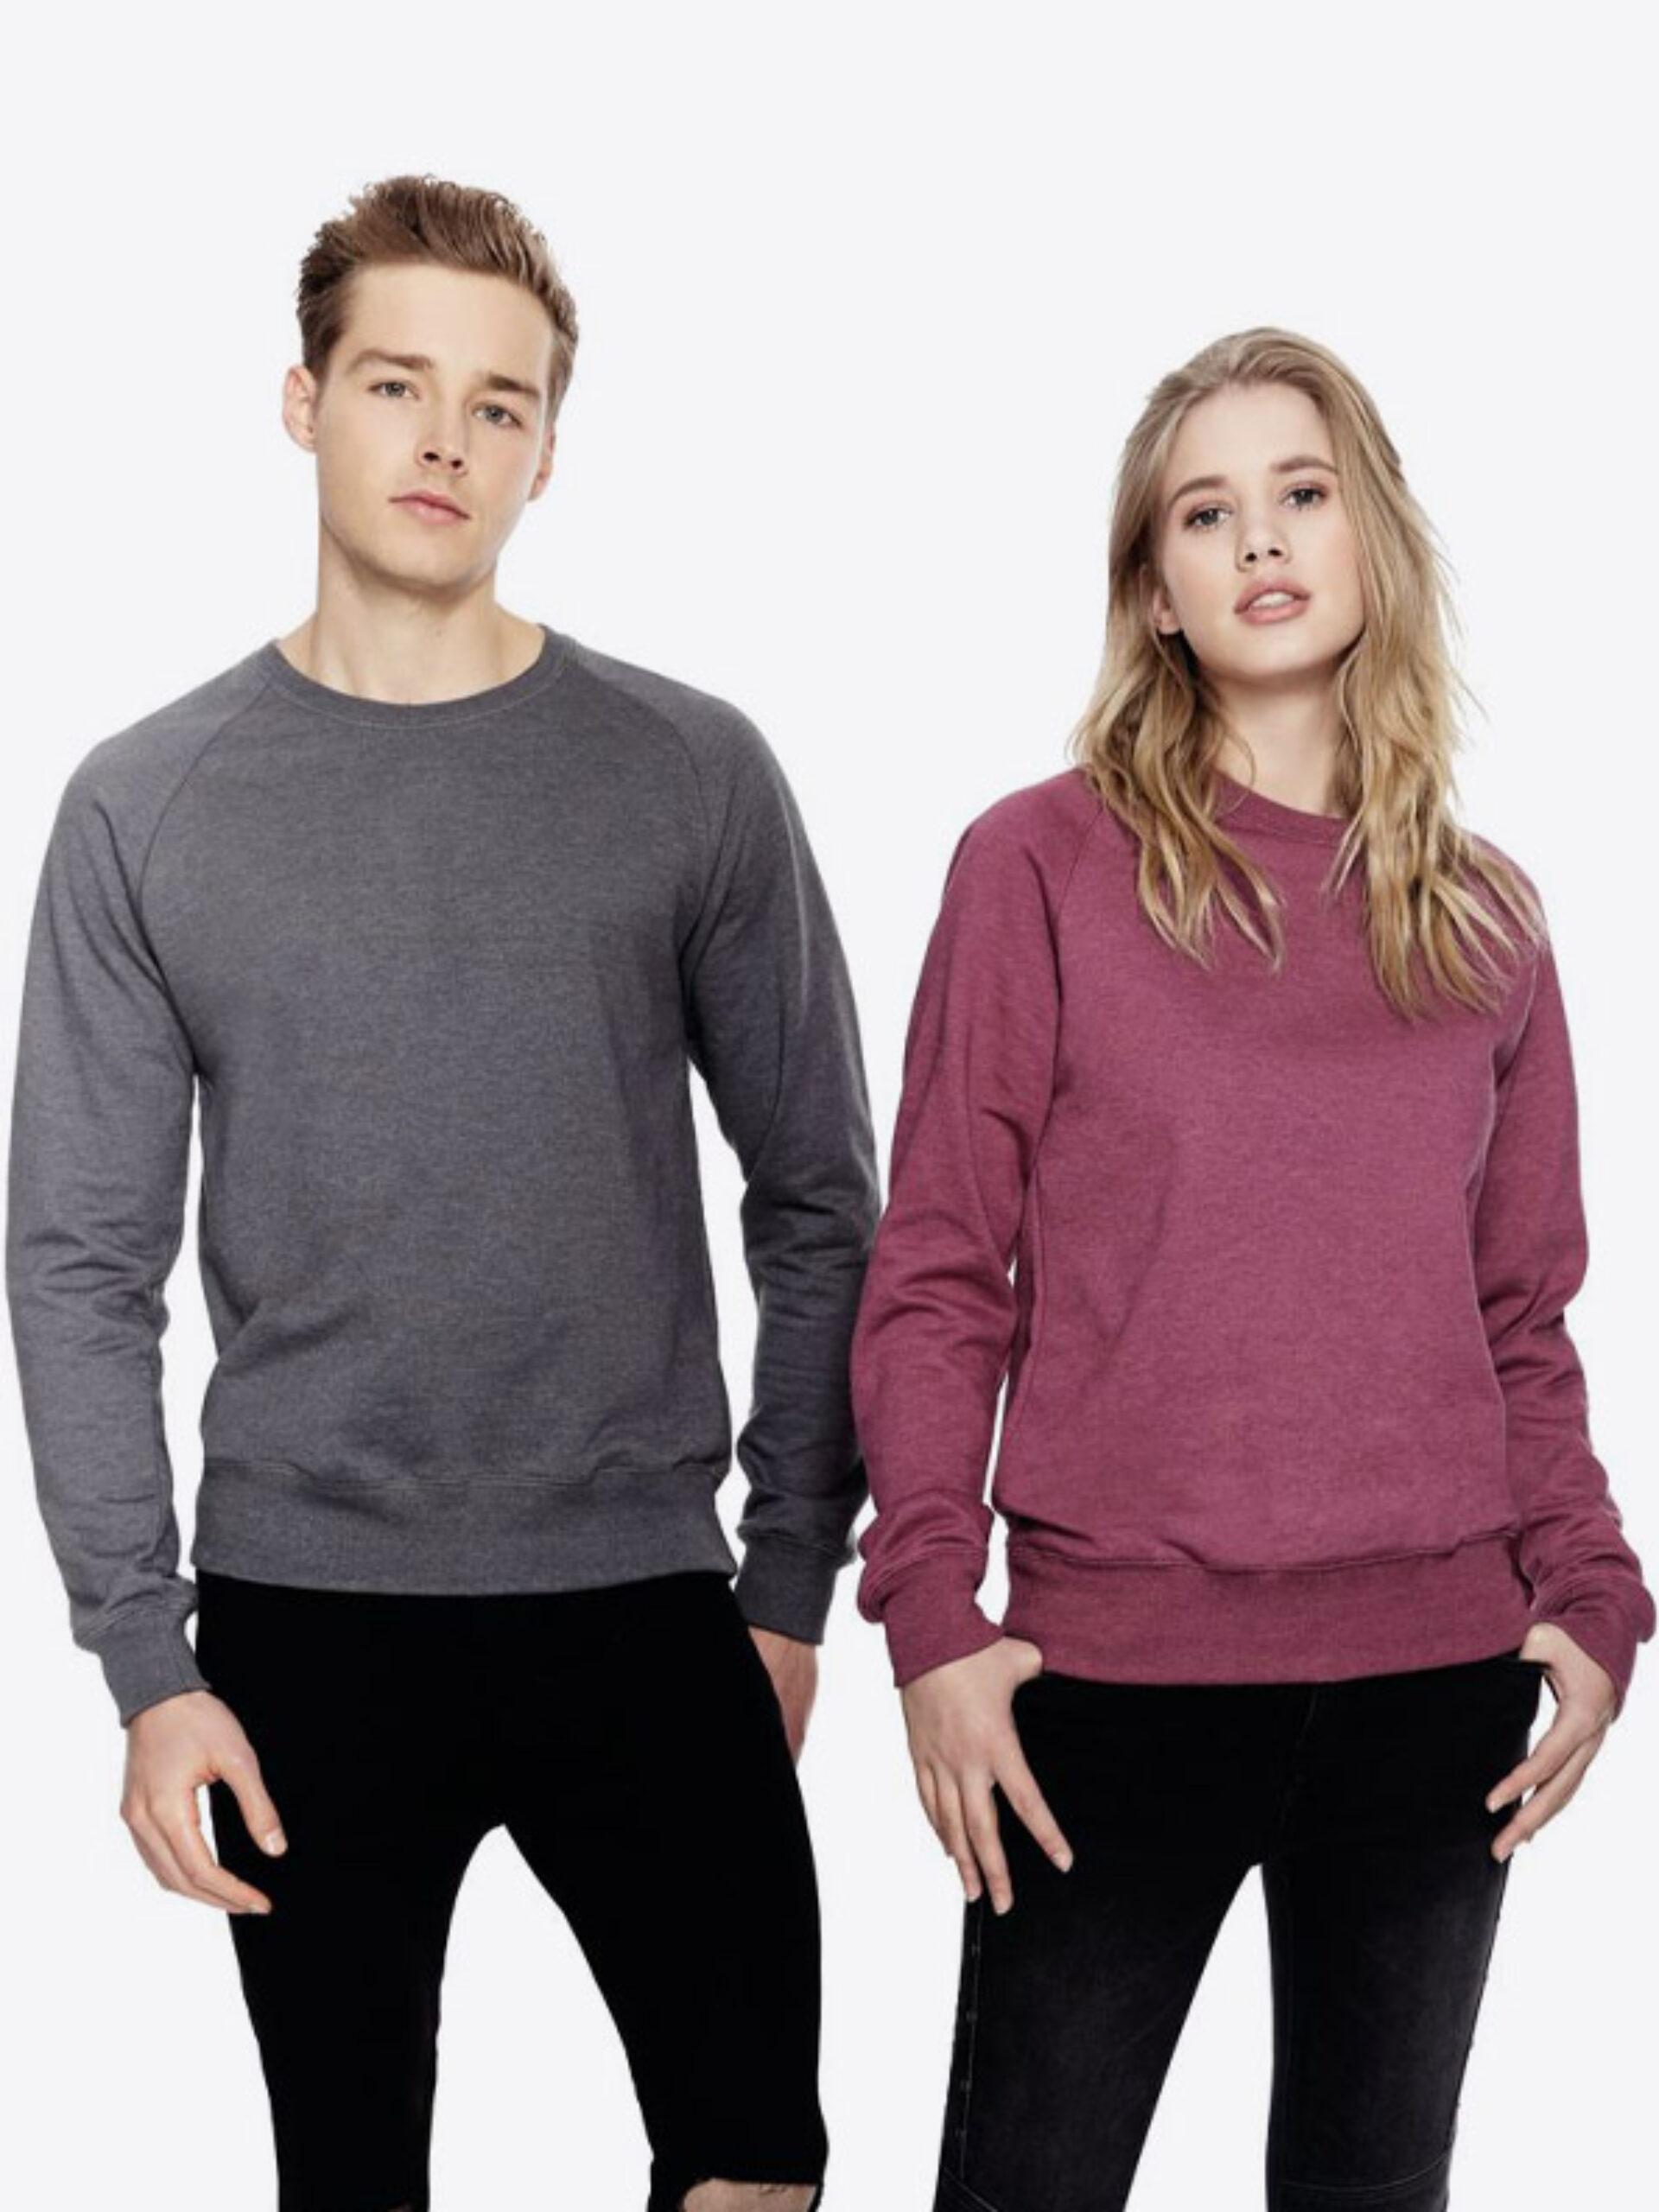 Sweatshirt Recycled Salvage Sa40 Mit Logo Bedrucken Unisex